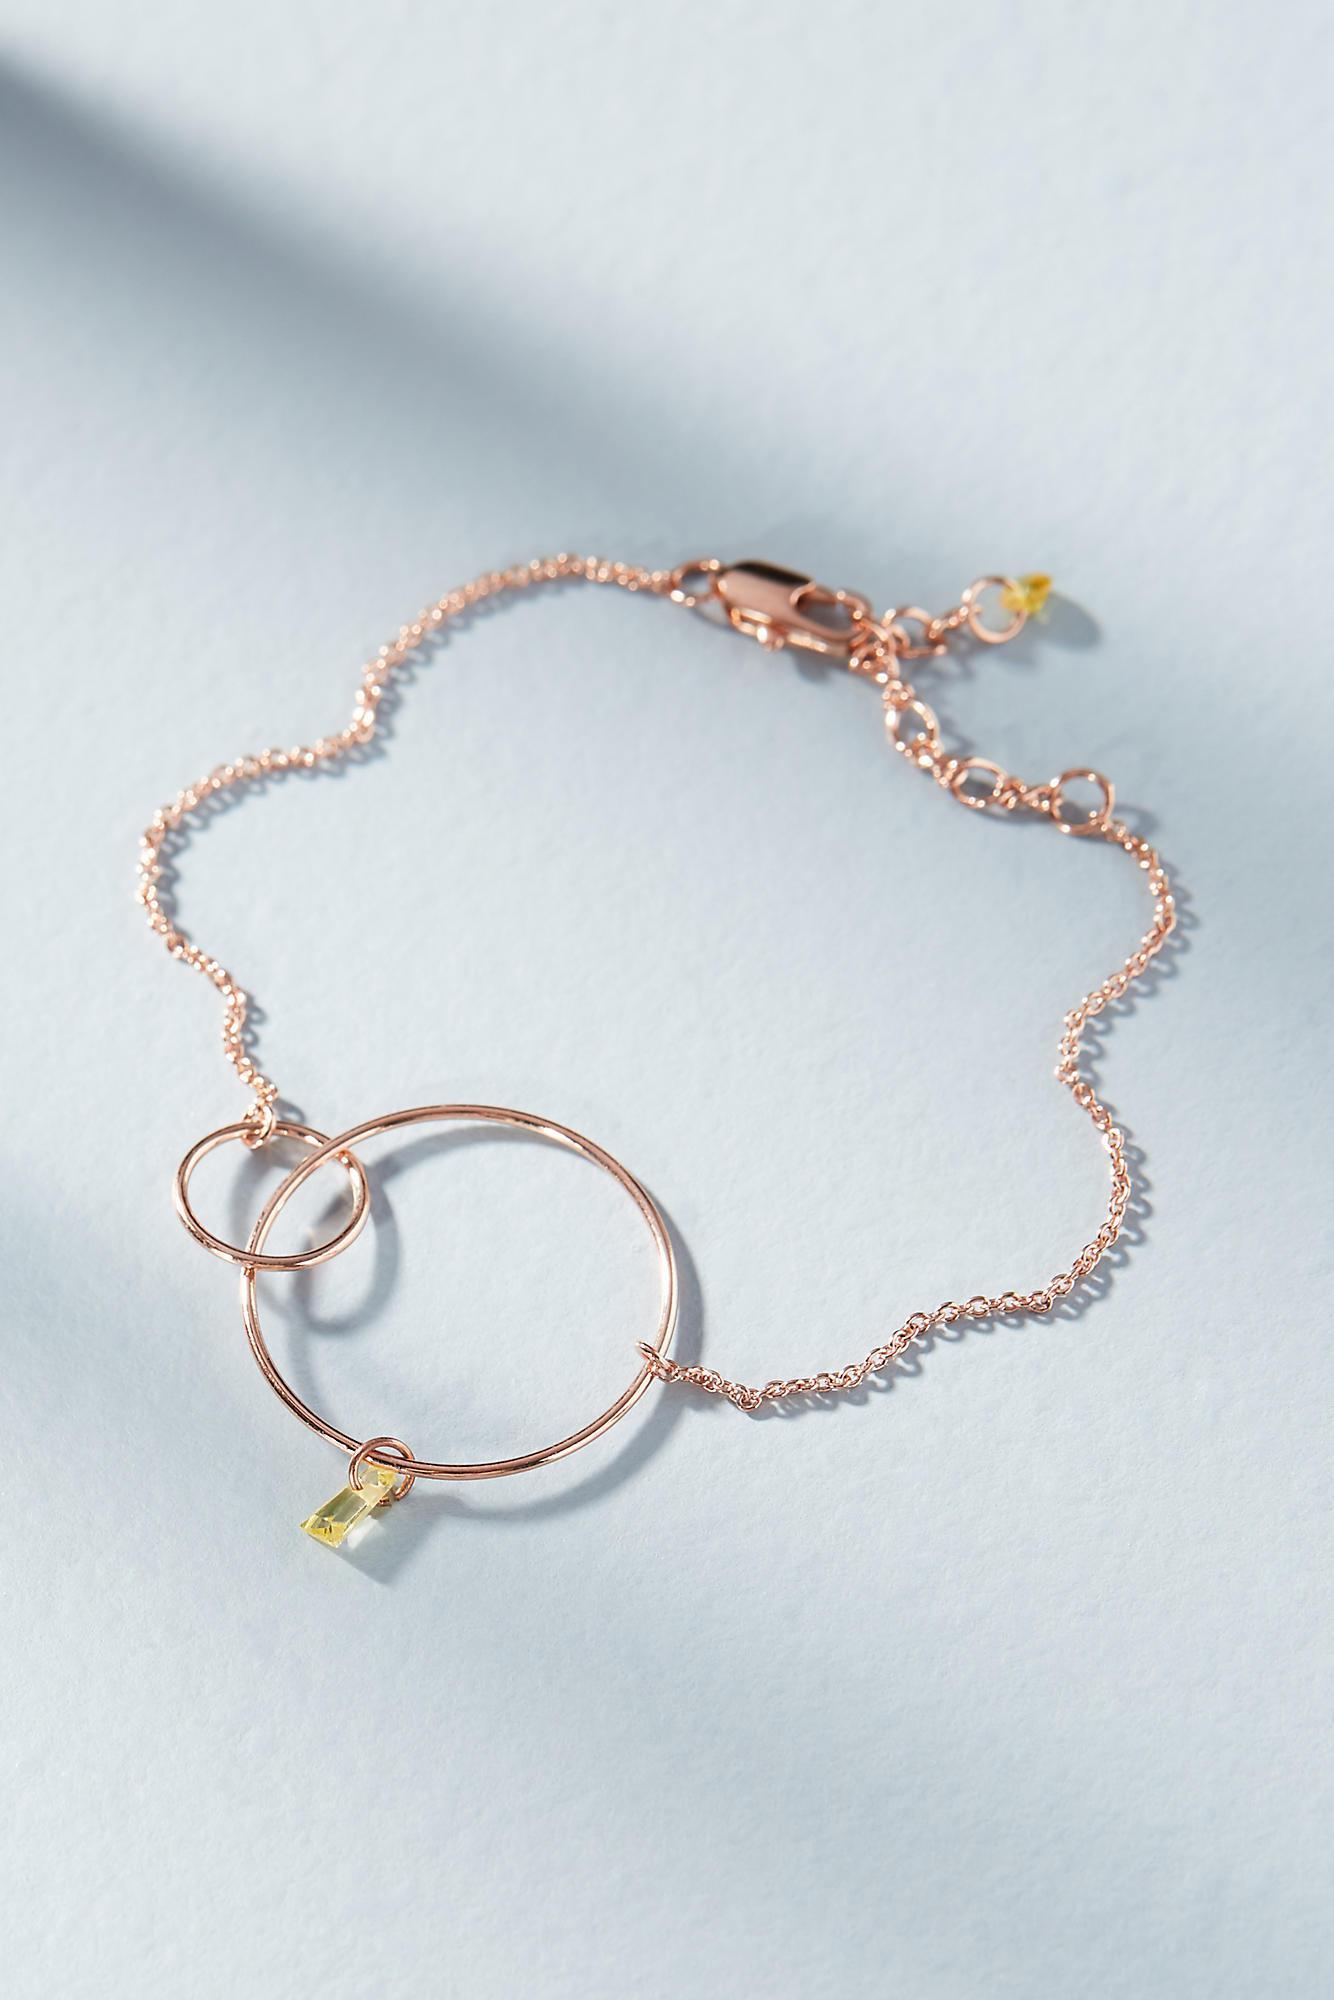 Anthropologie Hula Hoop Birthstone Bracelet eQWJyD